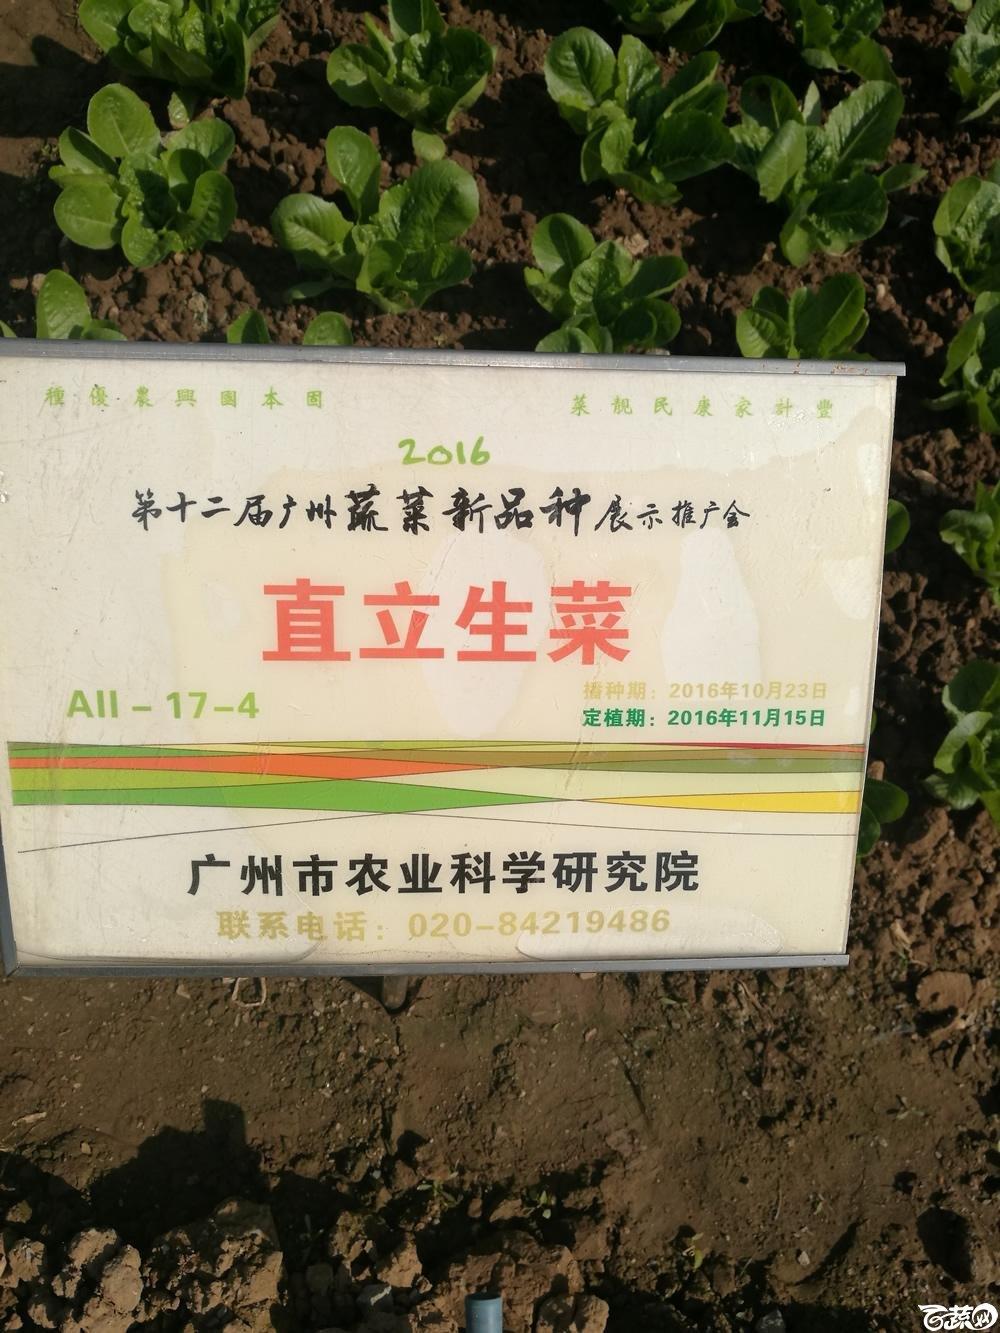 2016年12届广州蔬菜新品种展示会,广州市农科院直立生菜_001.jpg